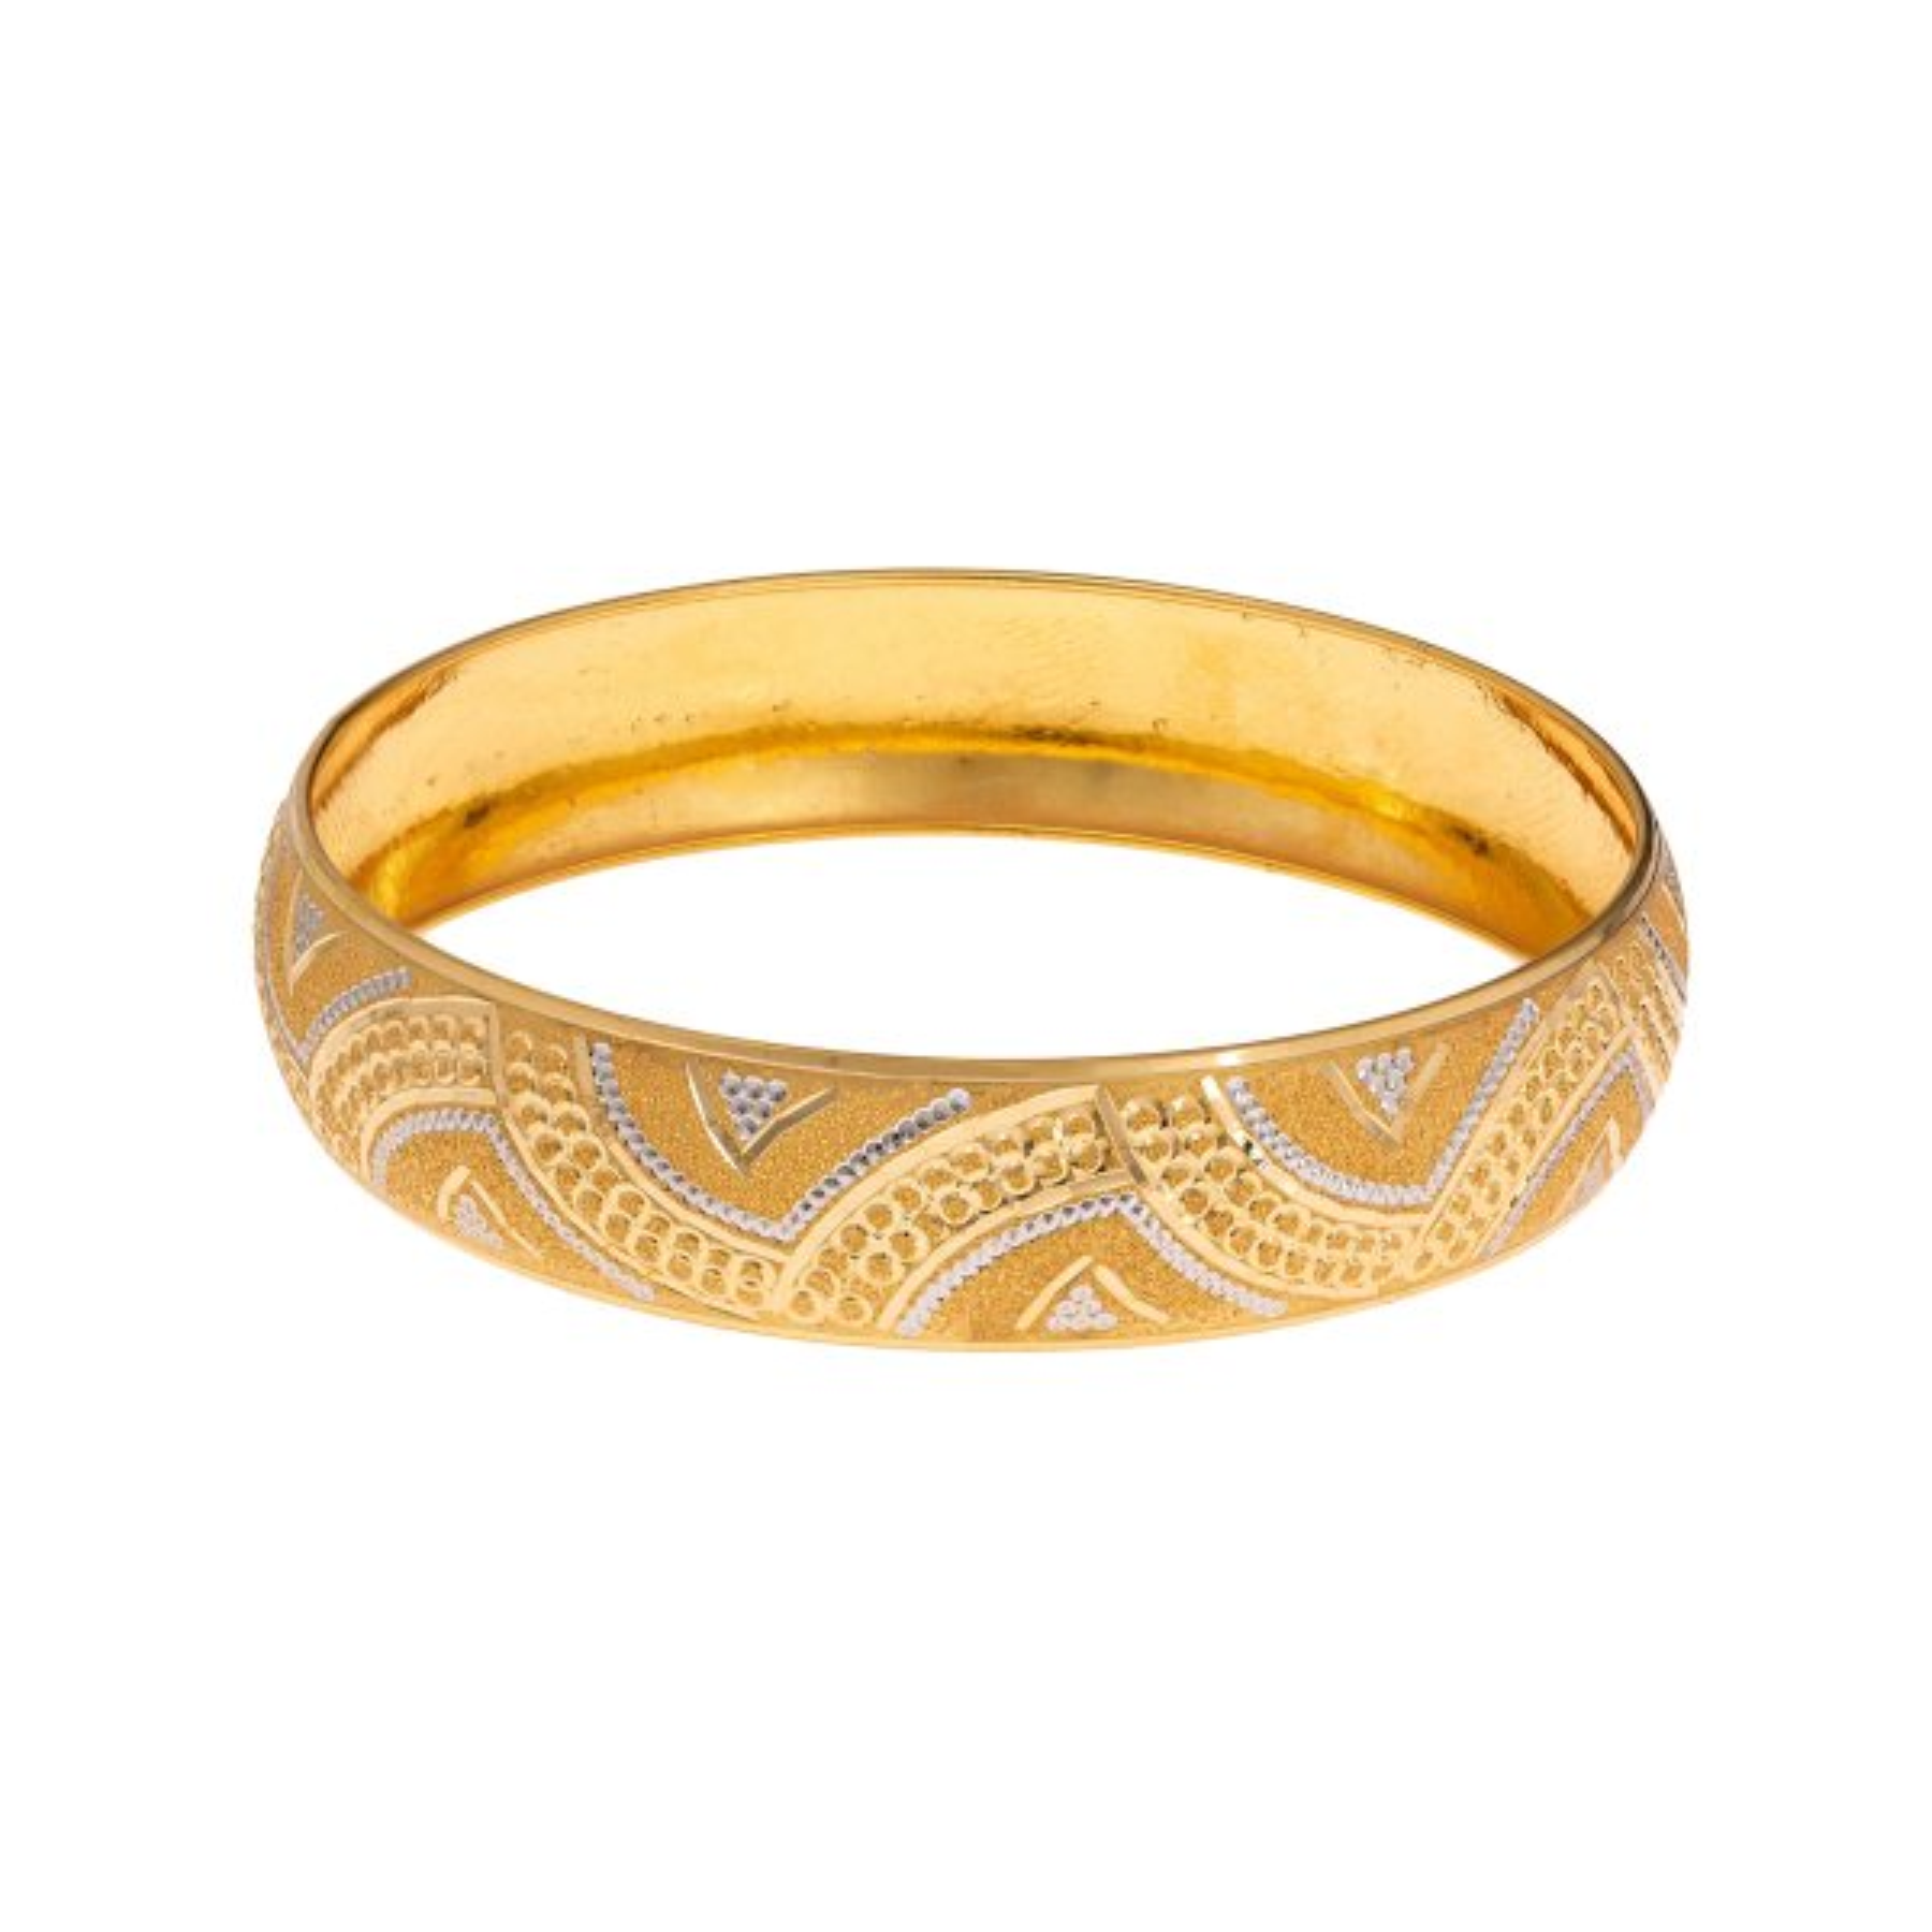 النگو طلا 18 عیار زنانه گالری یارطلا  کد AL33-G-3